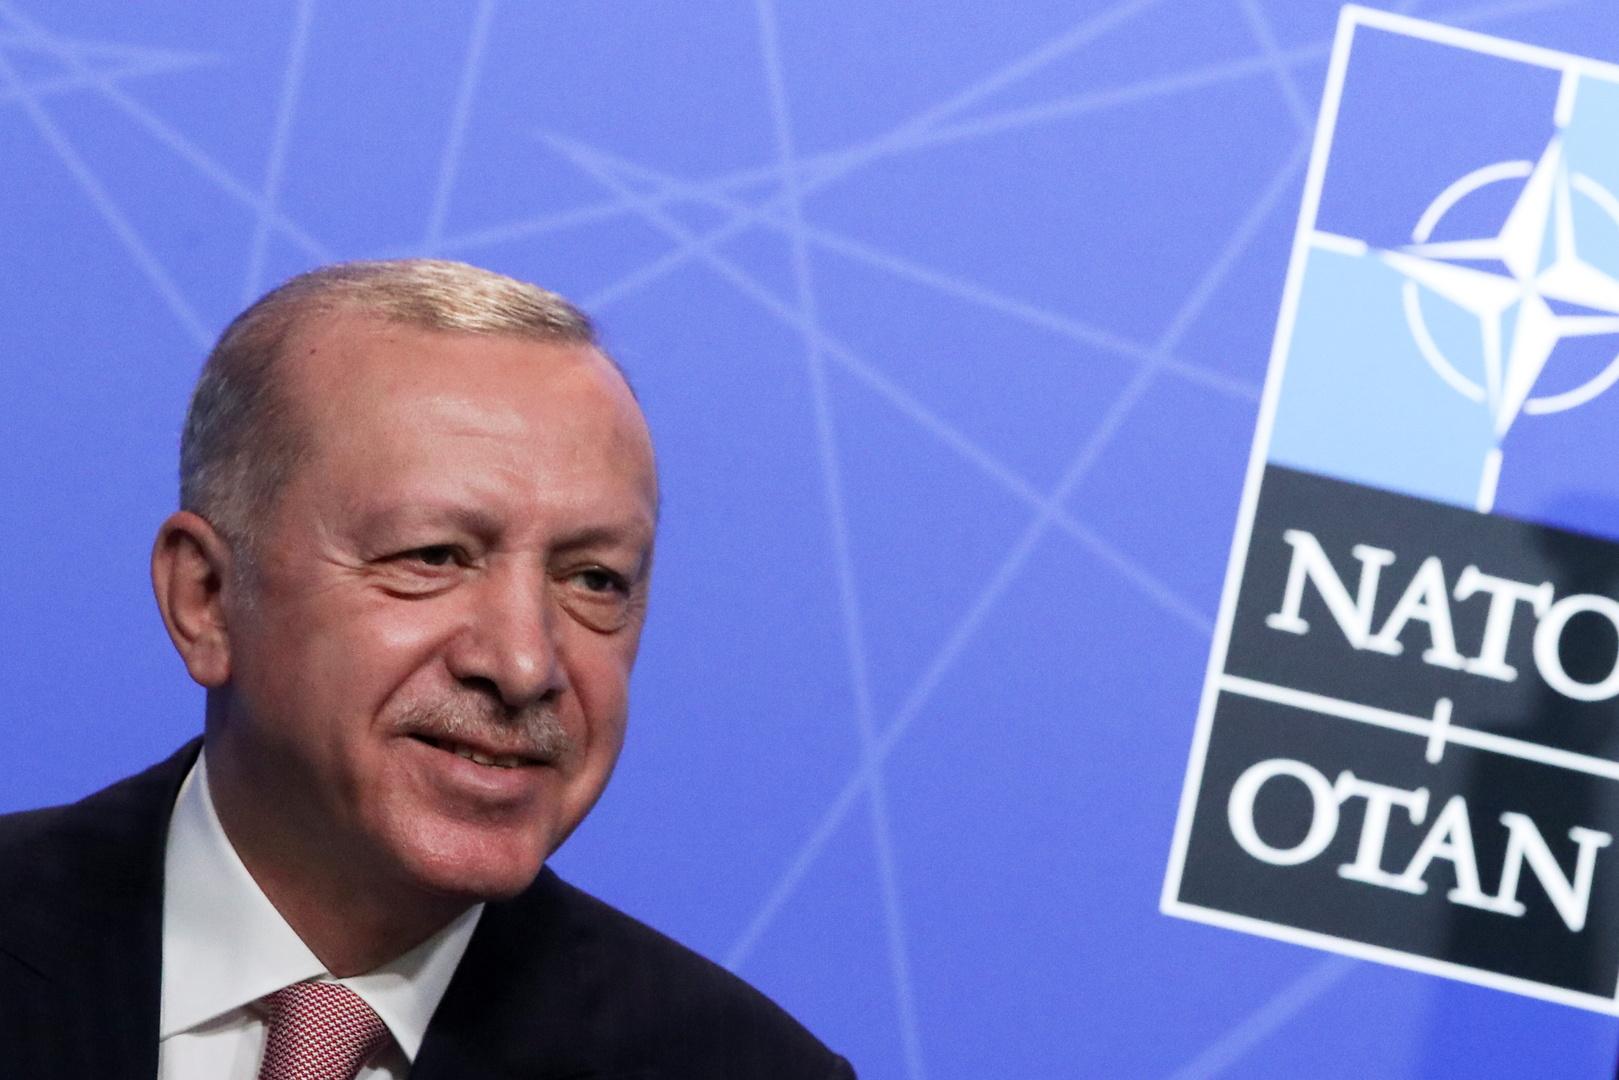 أردوغان: تركيا تستطيع تحمل مزيد من المسؤوليات في أفغانستان بعد انسحاب الناتو